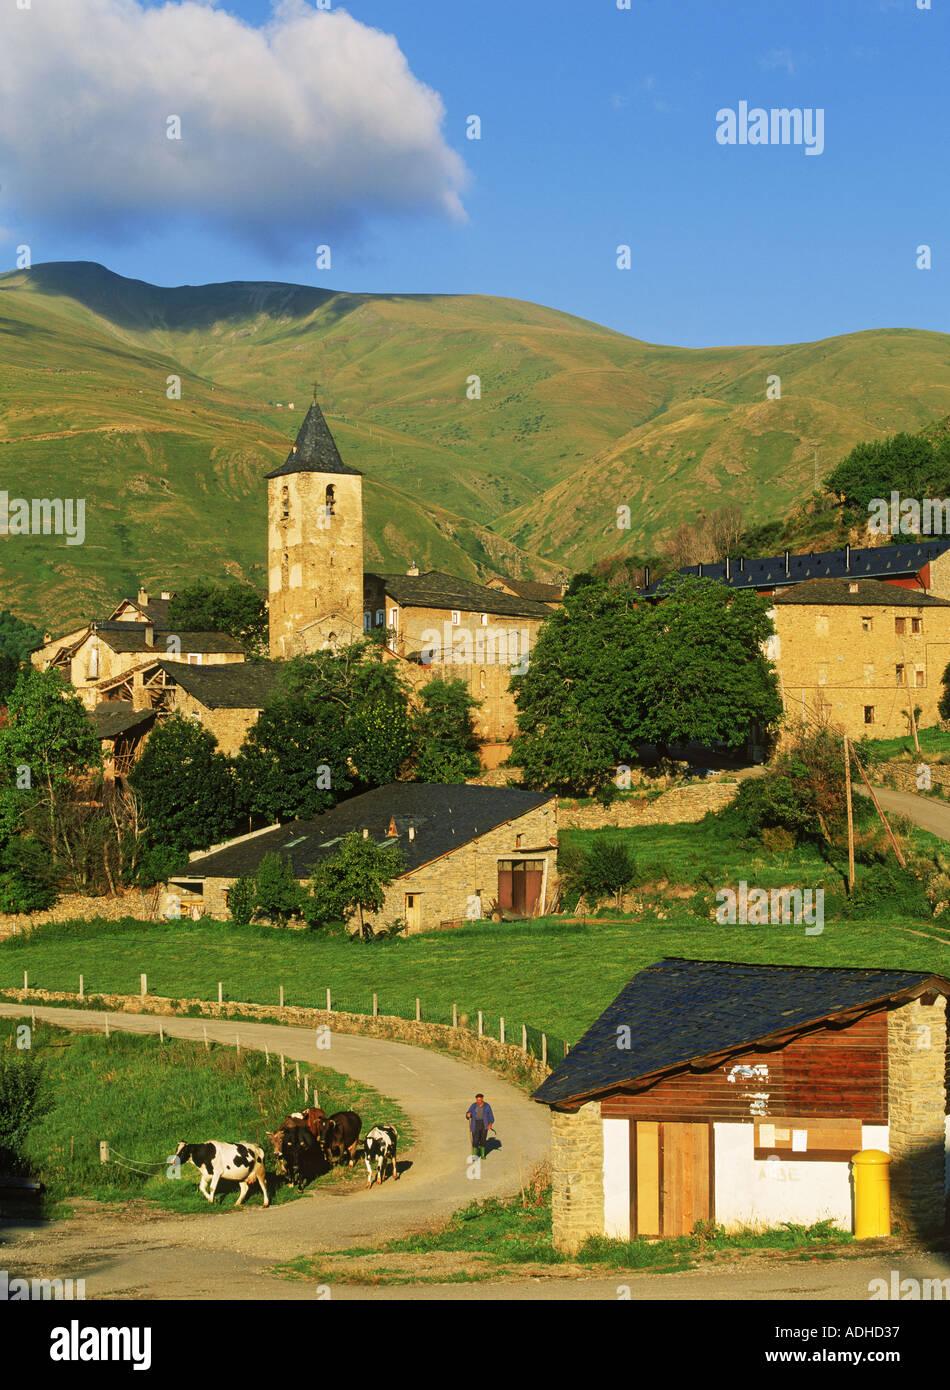 Dorf von Llessui in der Nähe von Art in Lleida Provinz Katalonien Spanien Stockbild